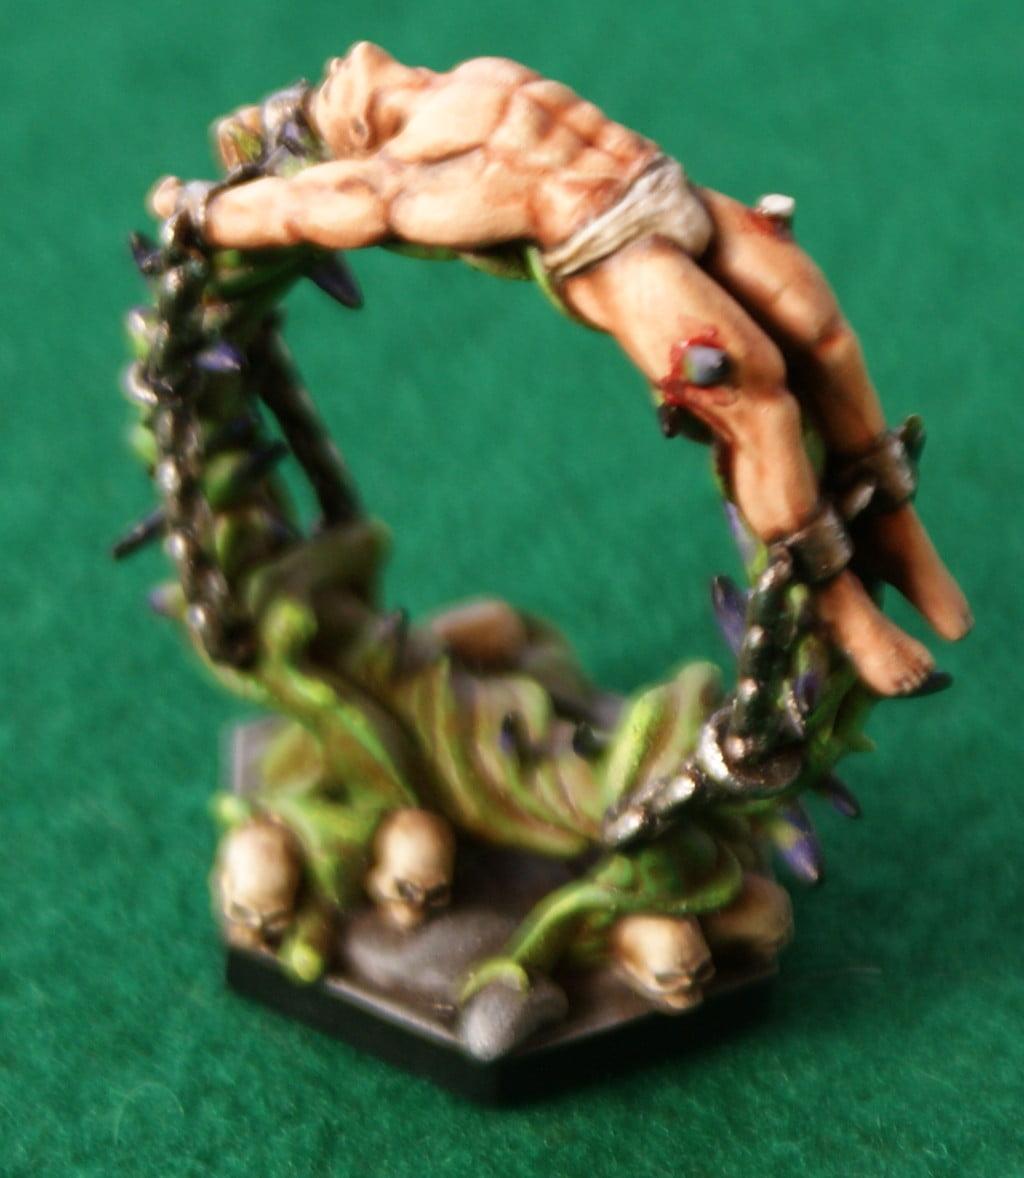 Un prigioniero su una ruota della tortura piuttosto dolorosa